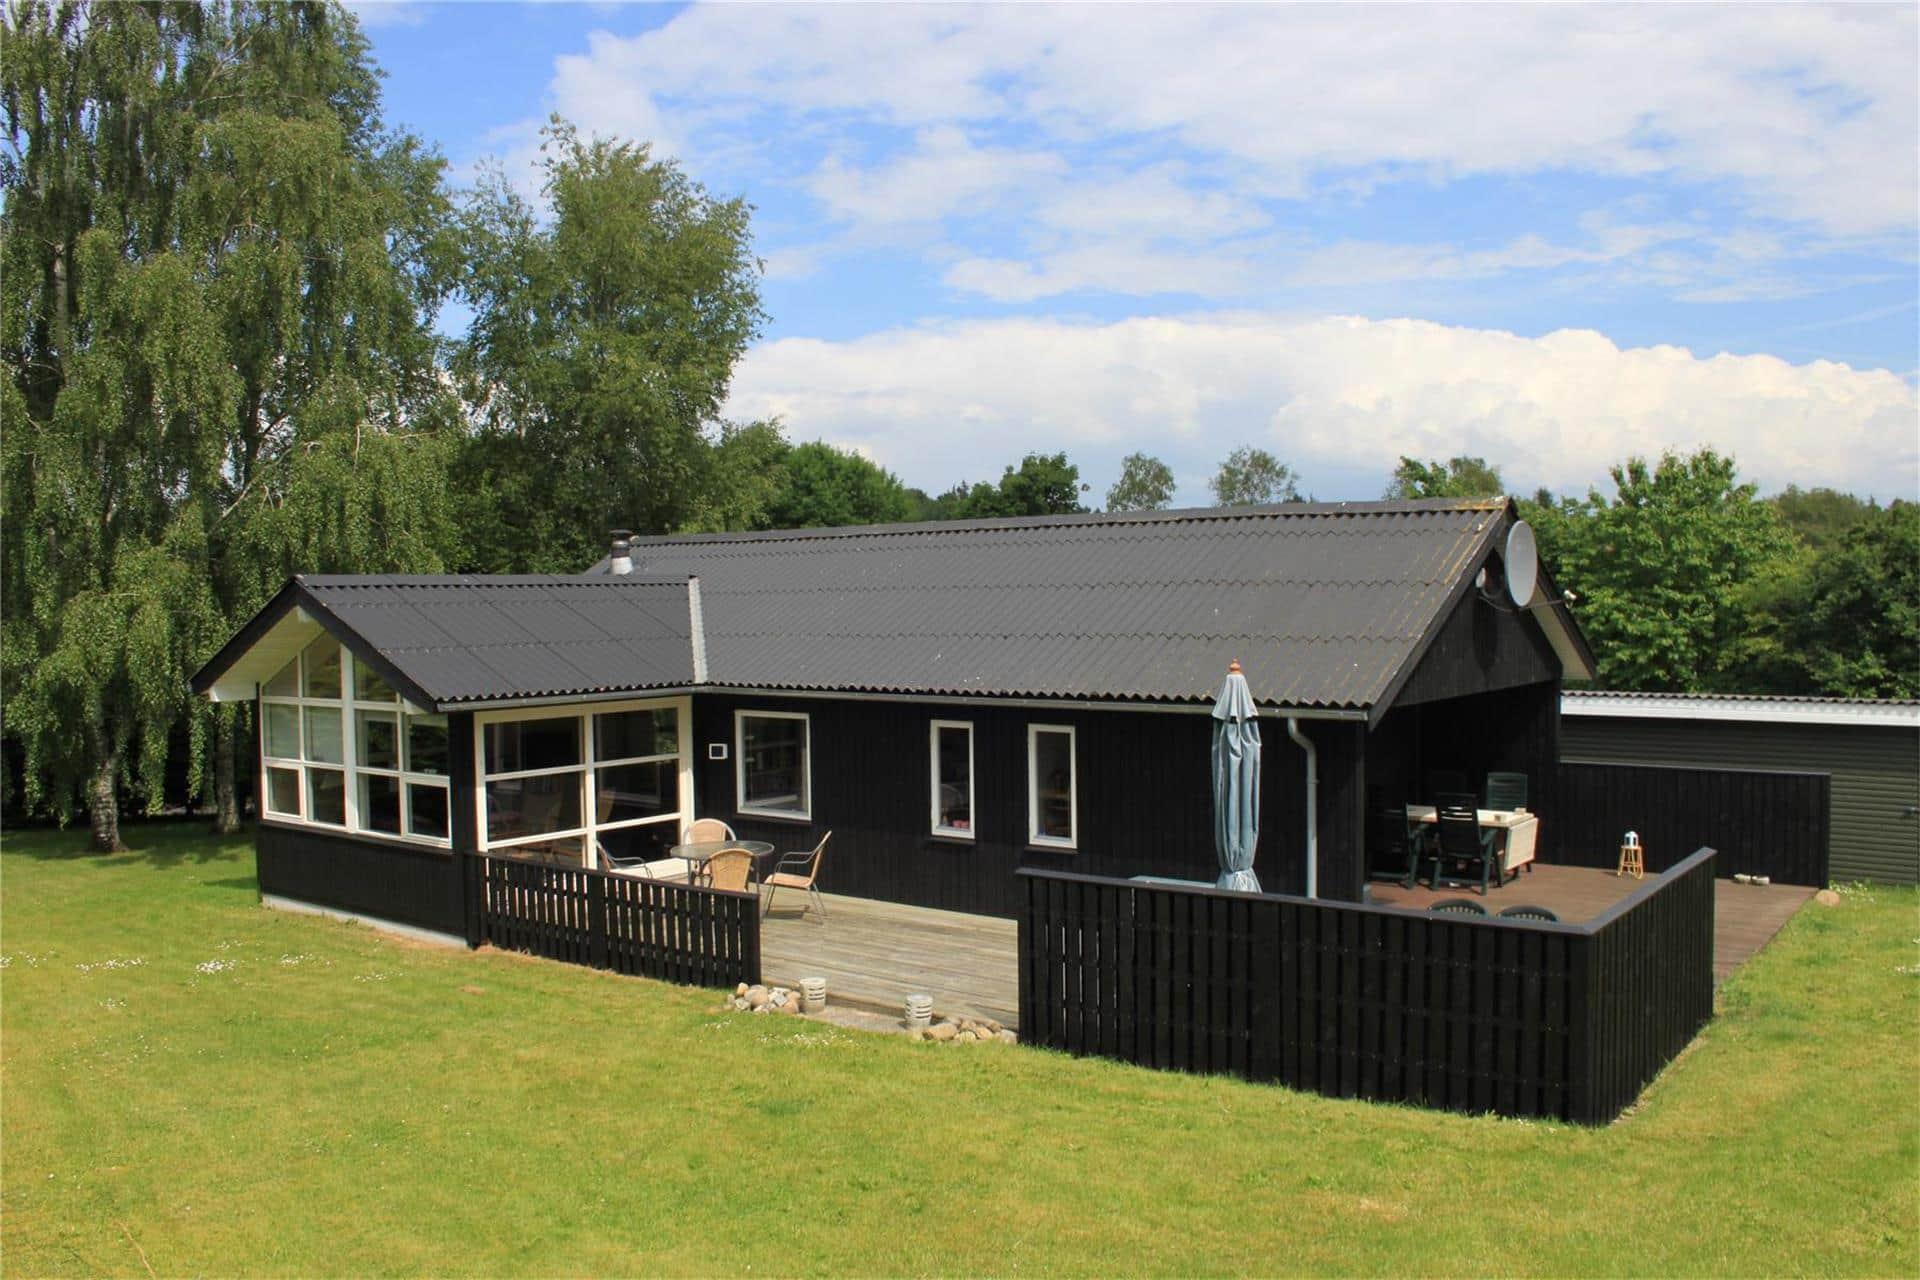 Billede 1-3 Sommerhus L15112, Hjejlevej 2, DK - 9640 Farsø